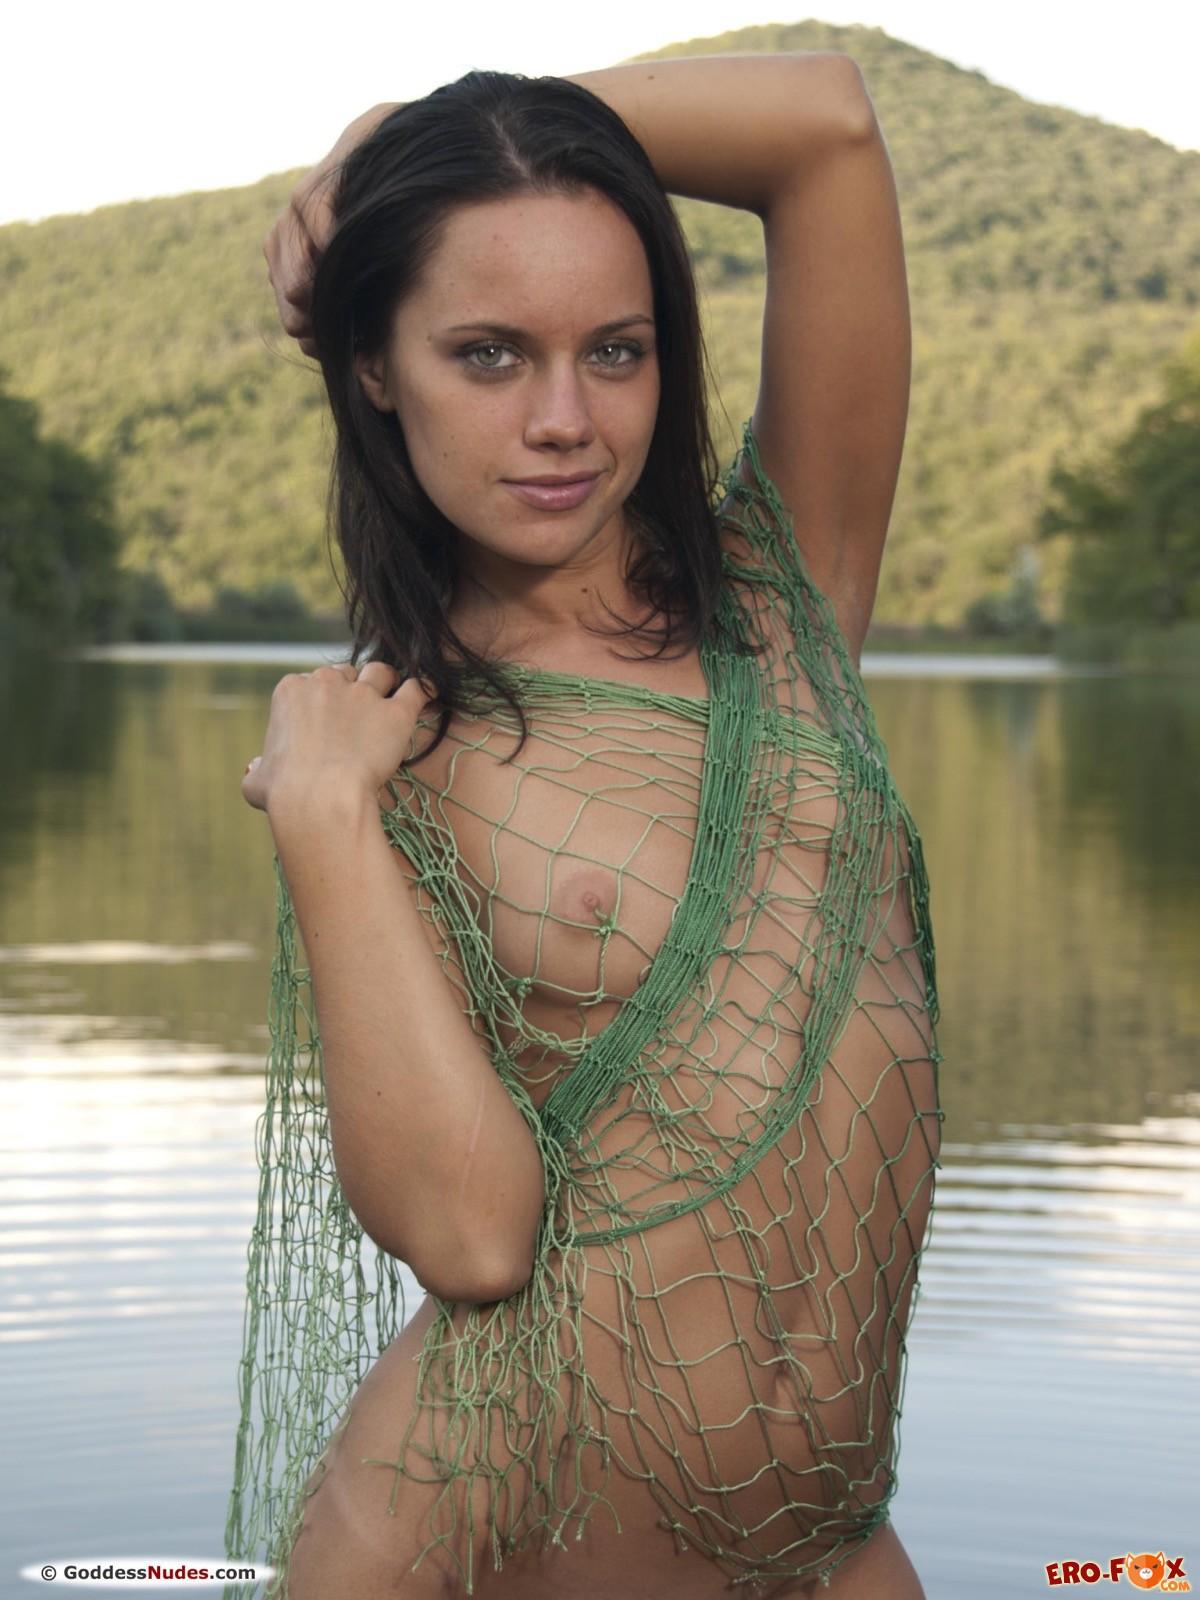 Голая девушка загорает и купается на озере